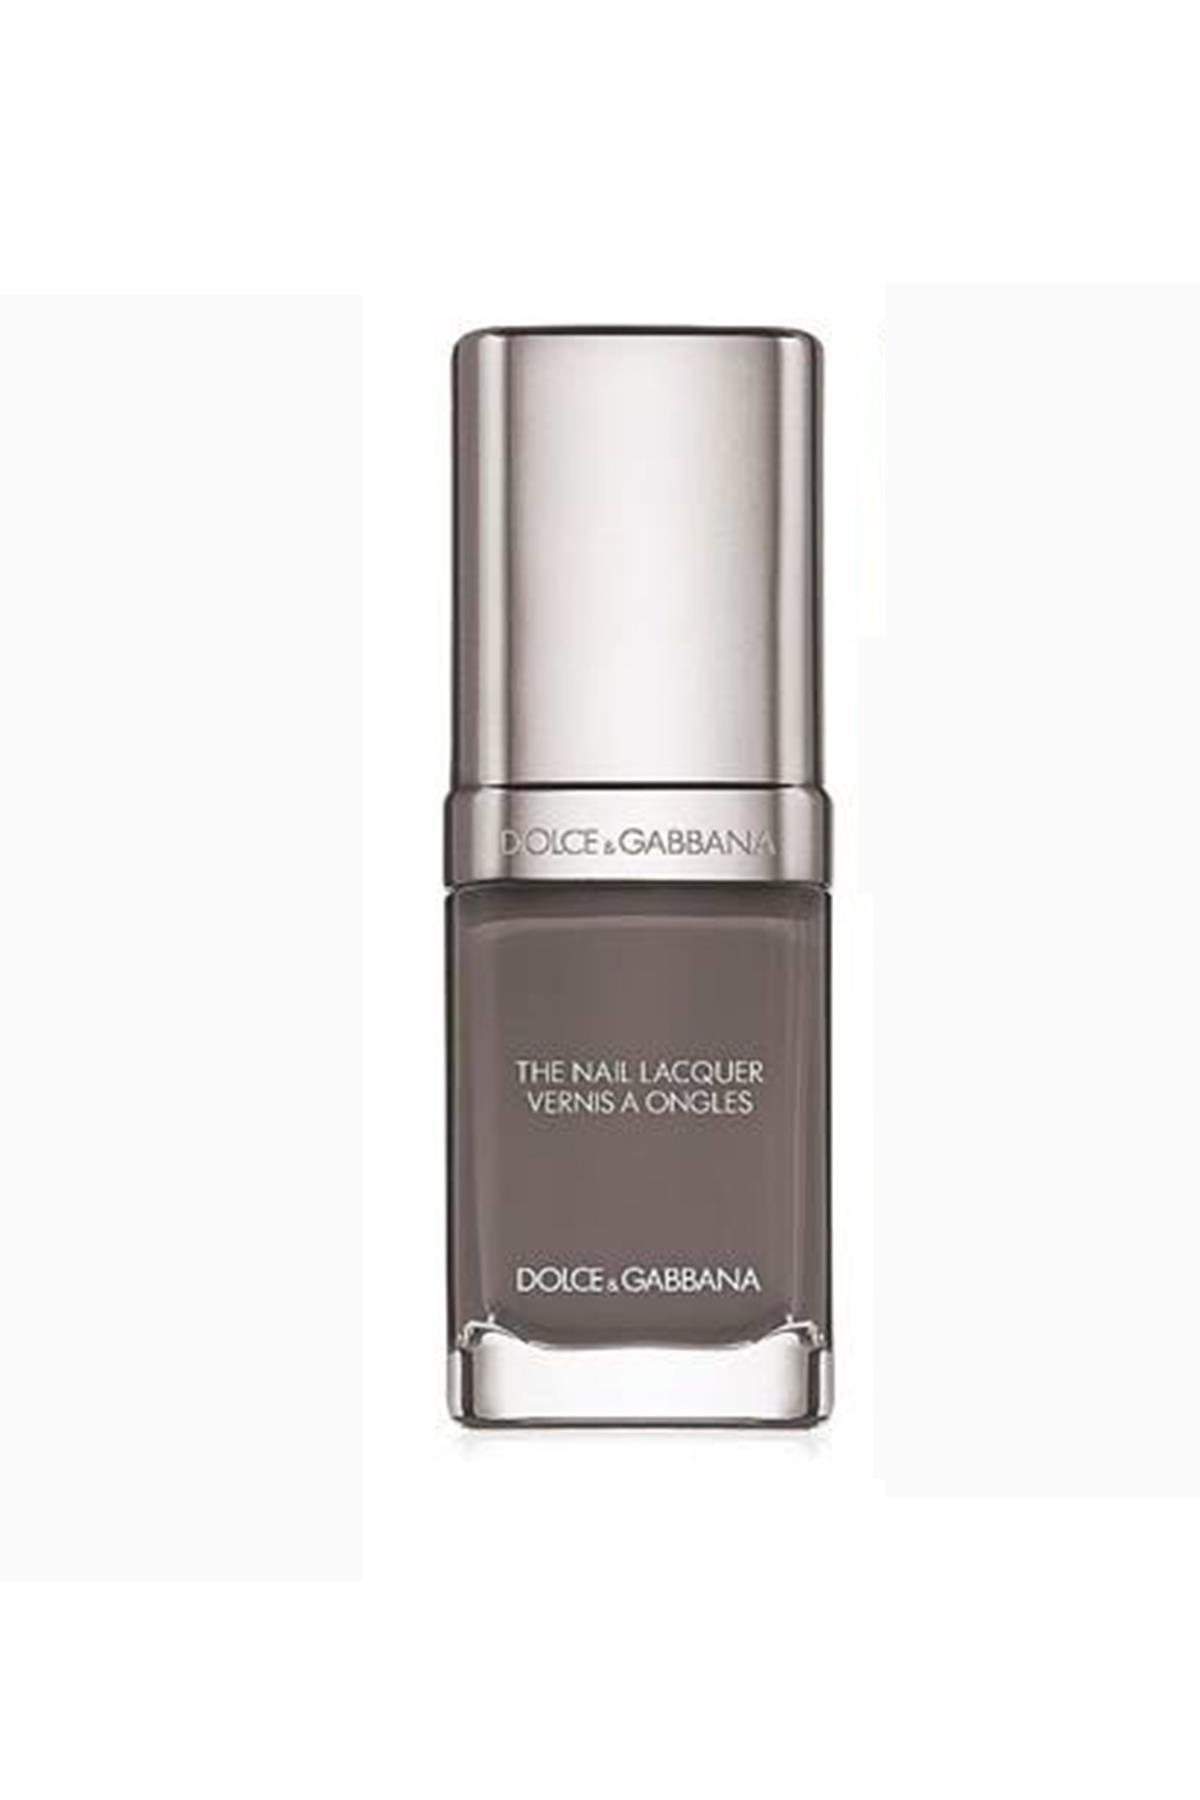 Dolce Gabbana Intense Nail Lacquer 150 Grey Pearl Oje